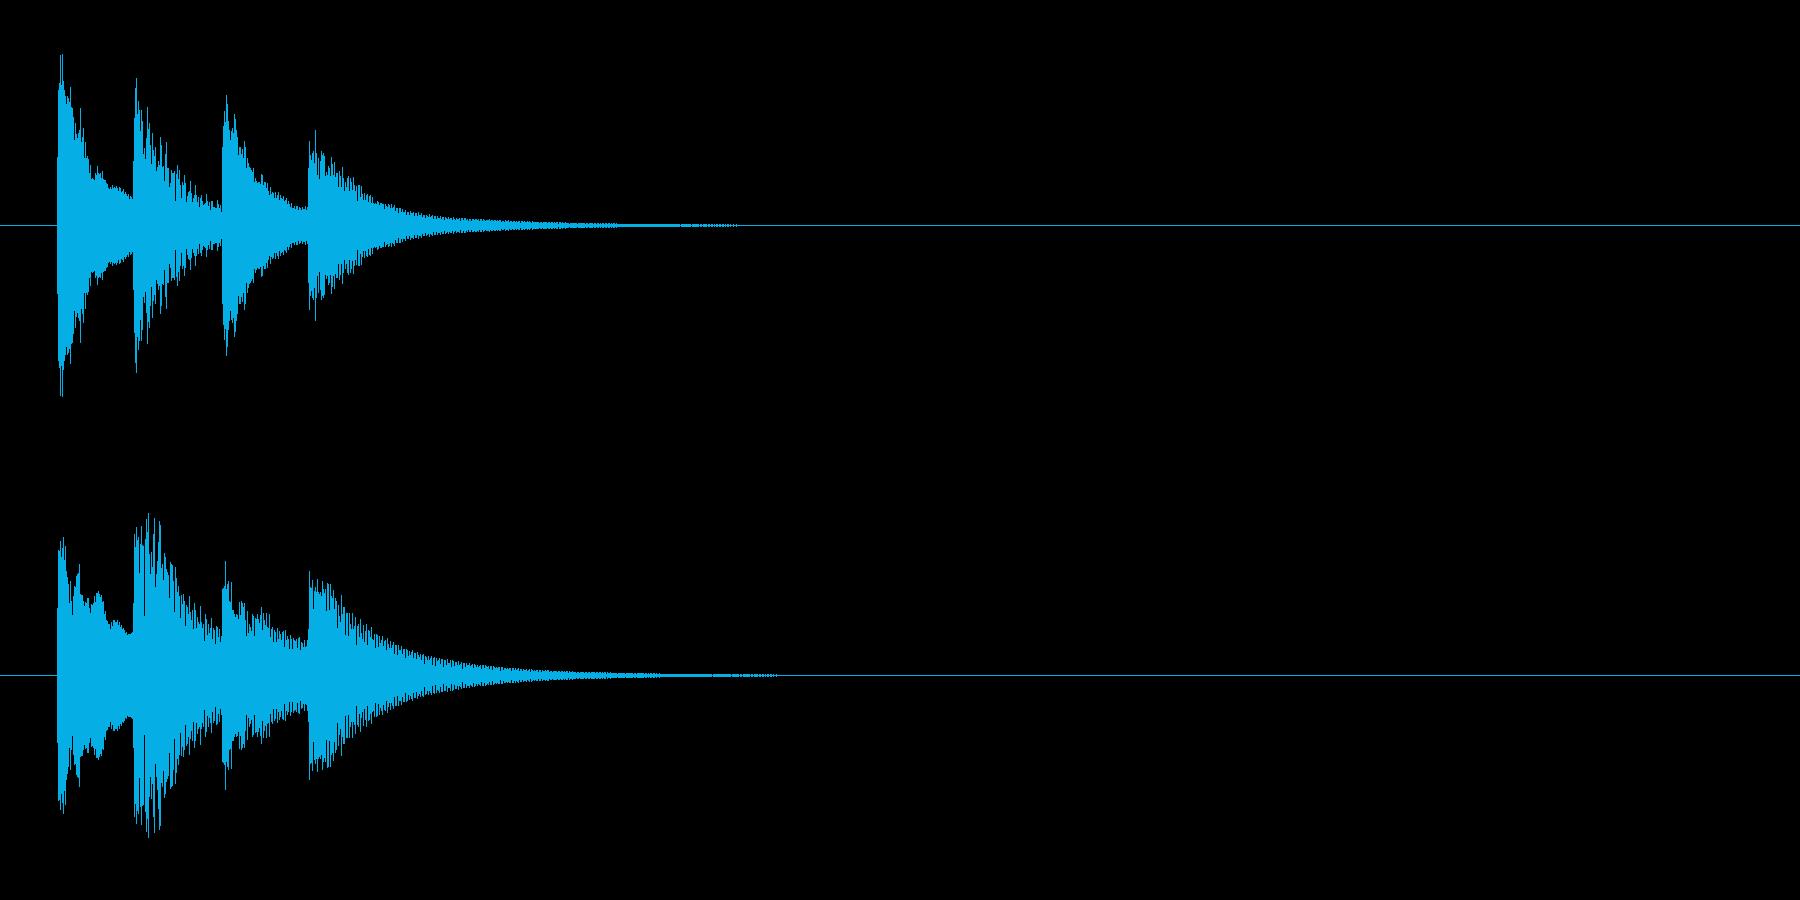 邦楽囃子の小さな鉦、松虫のフレーズ音の再生済みの波形